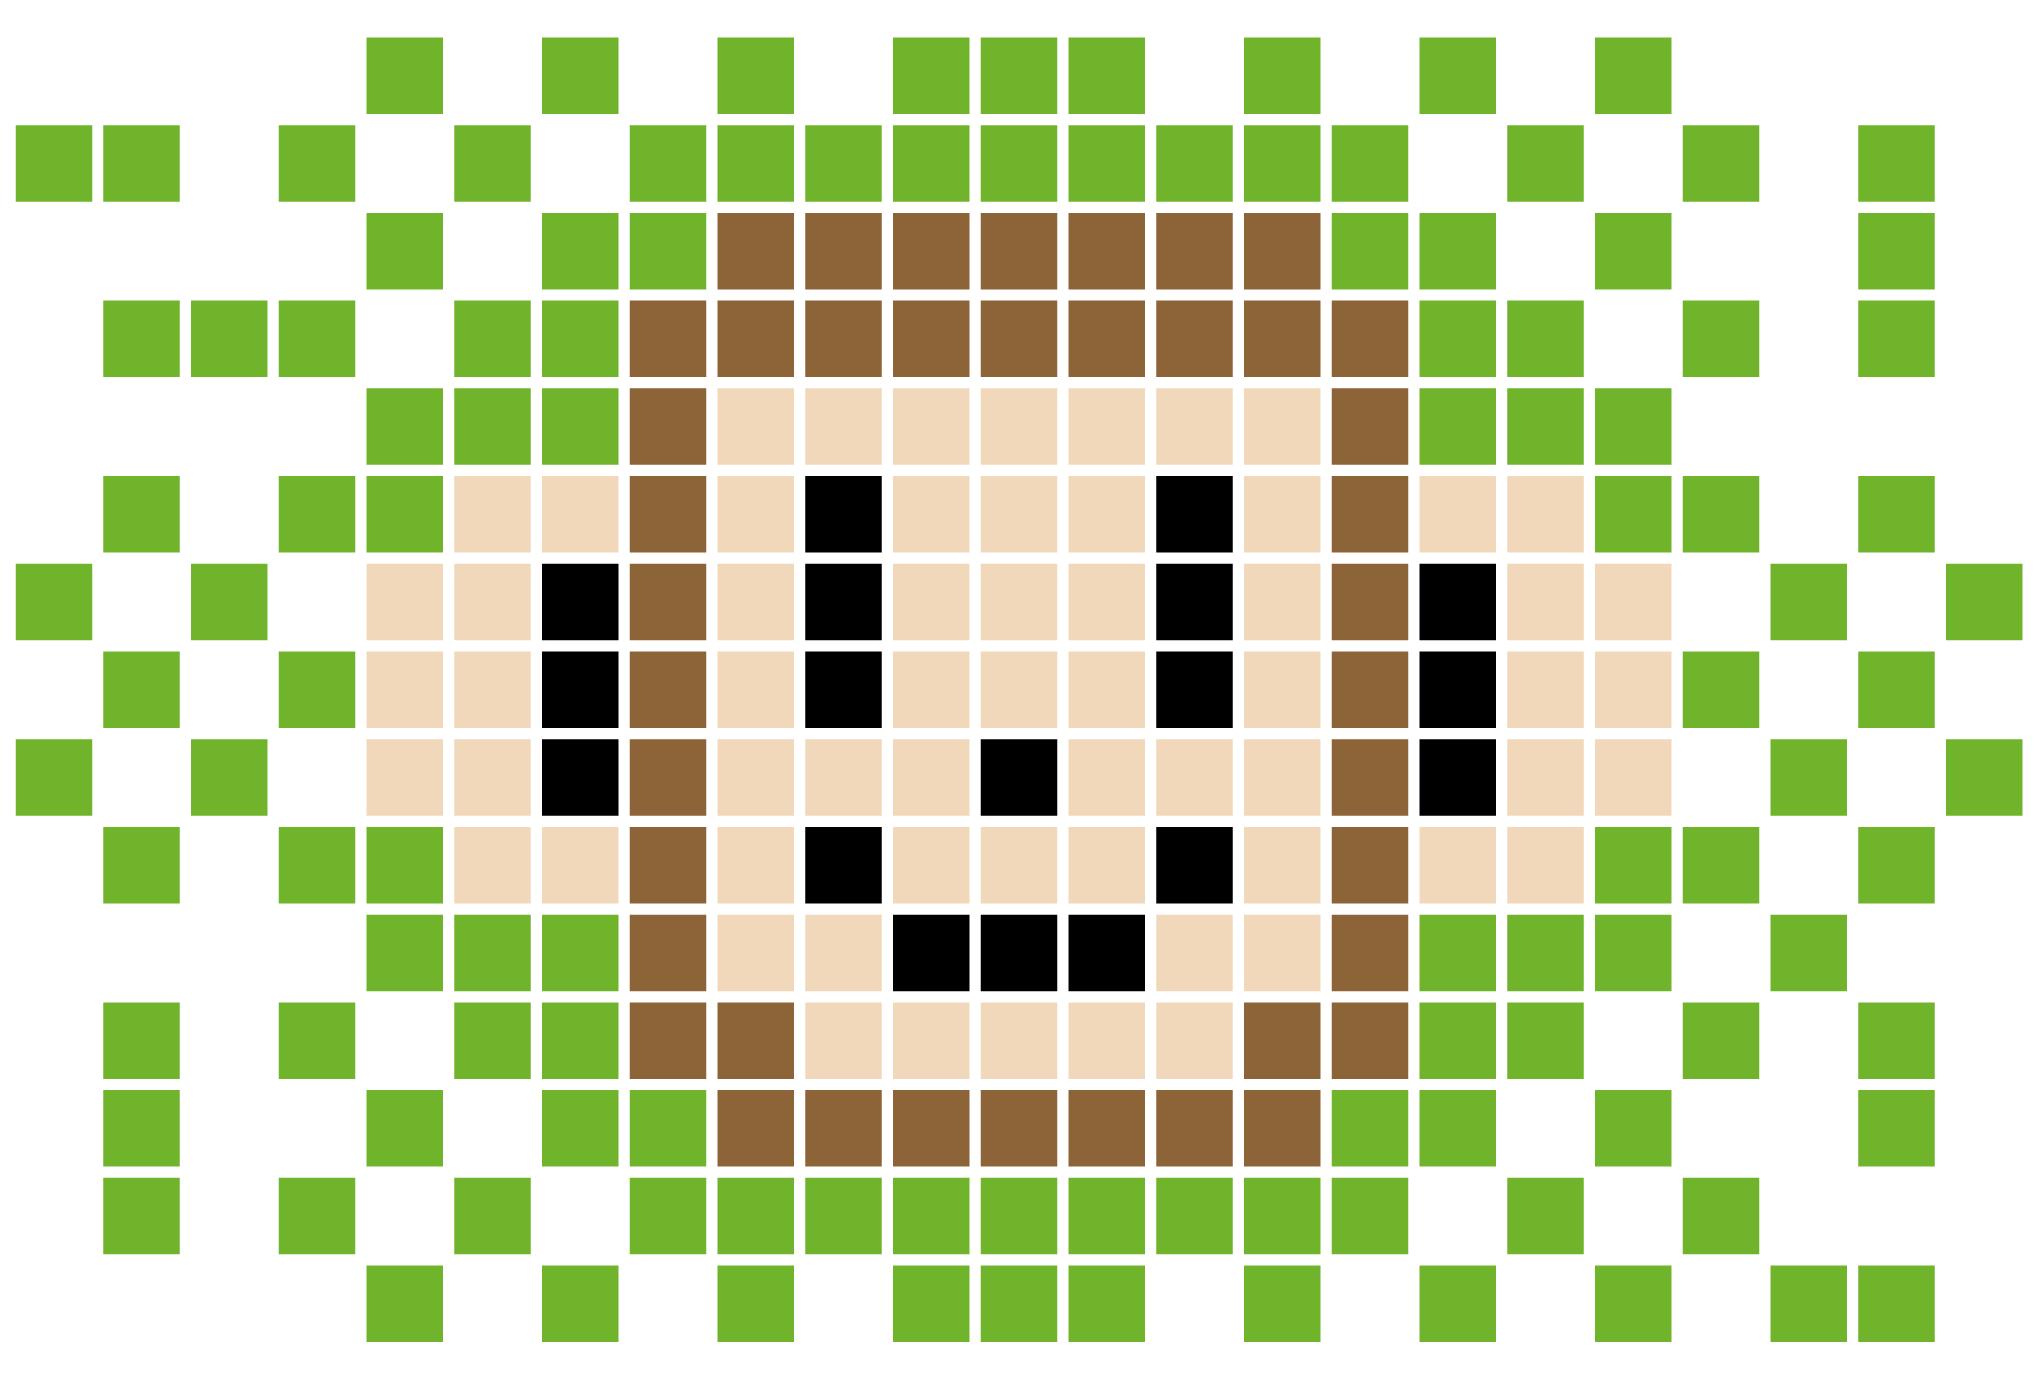 2004年賀状20:Monkey grid 2004のダウンロード画像